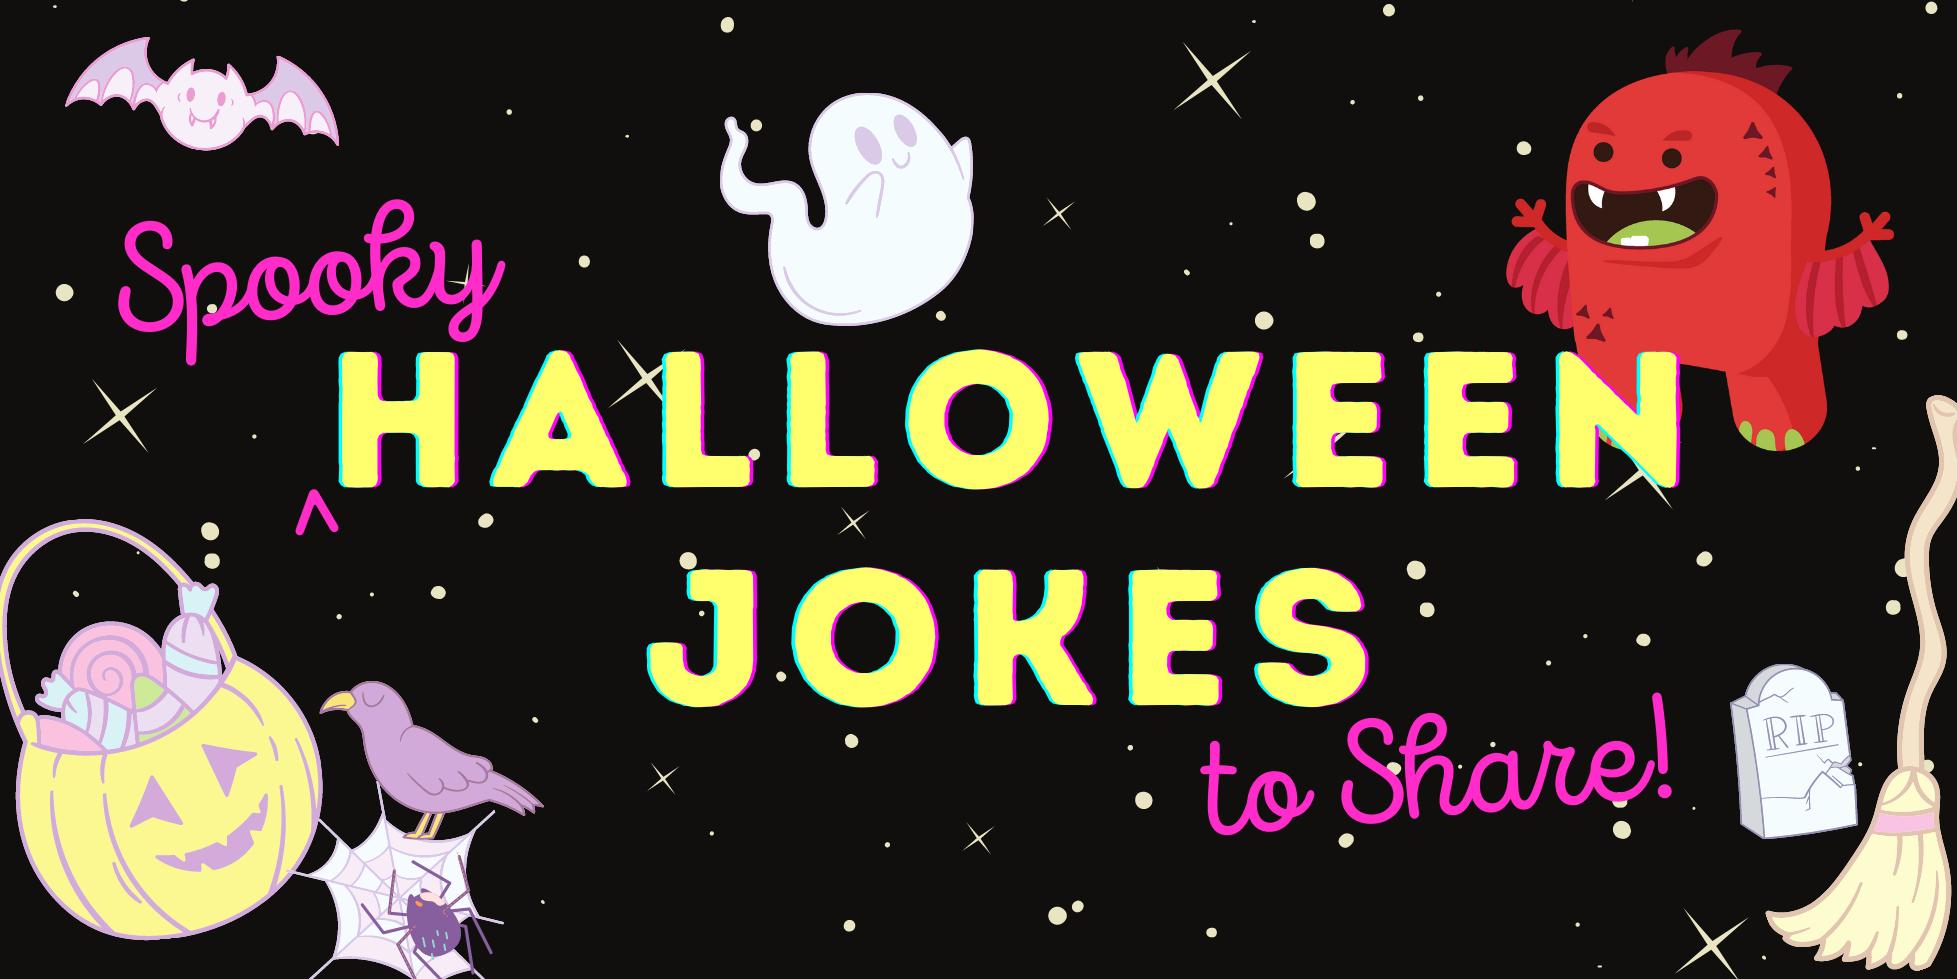 Halloween jokes image